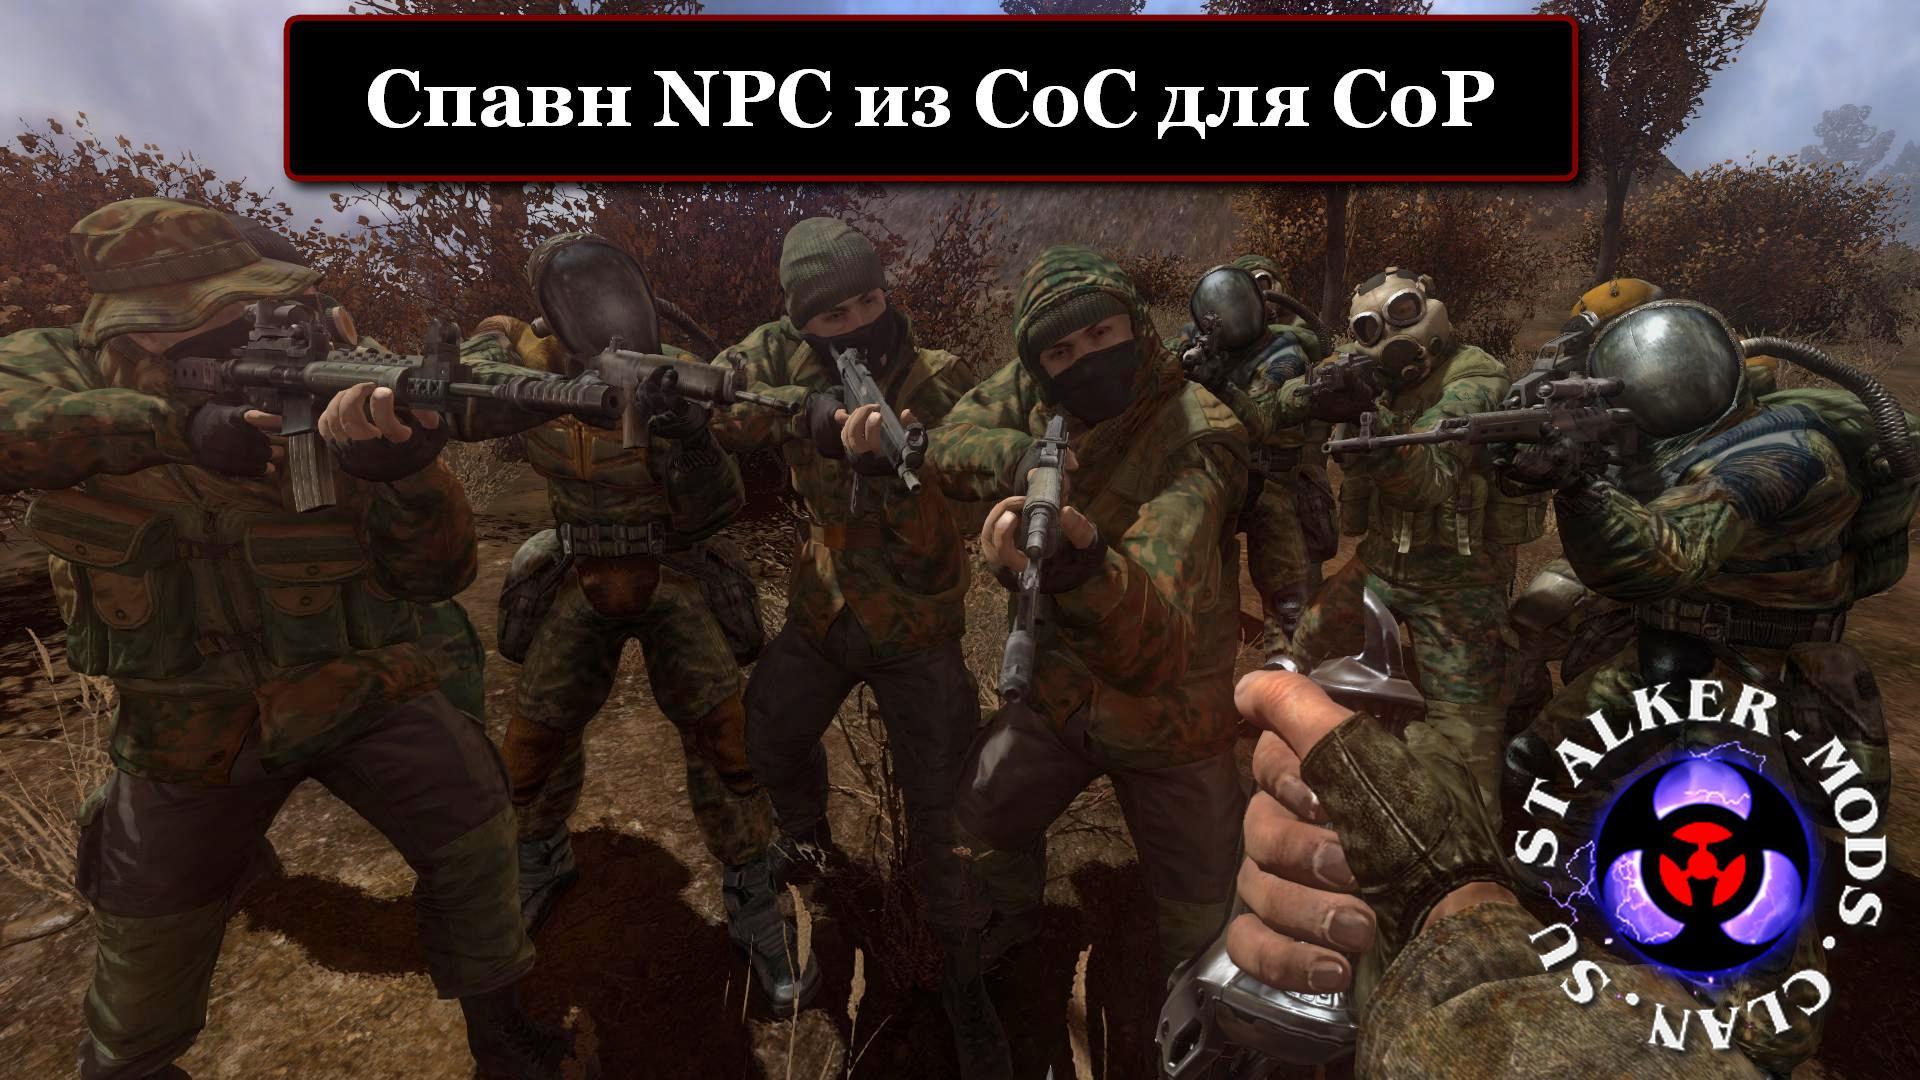 новые модели персонажей и NPC для игры сталкер